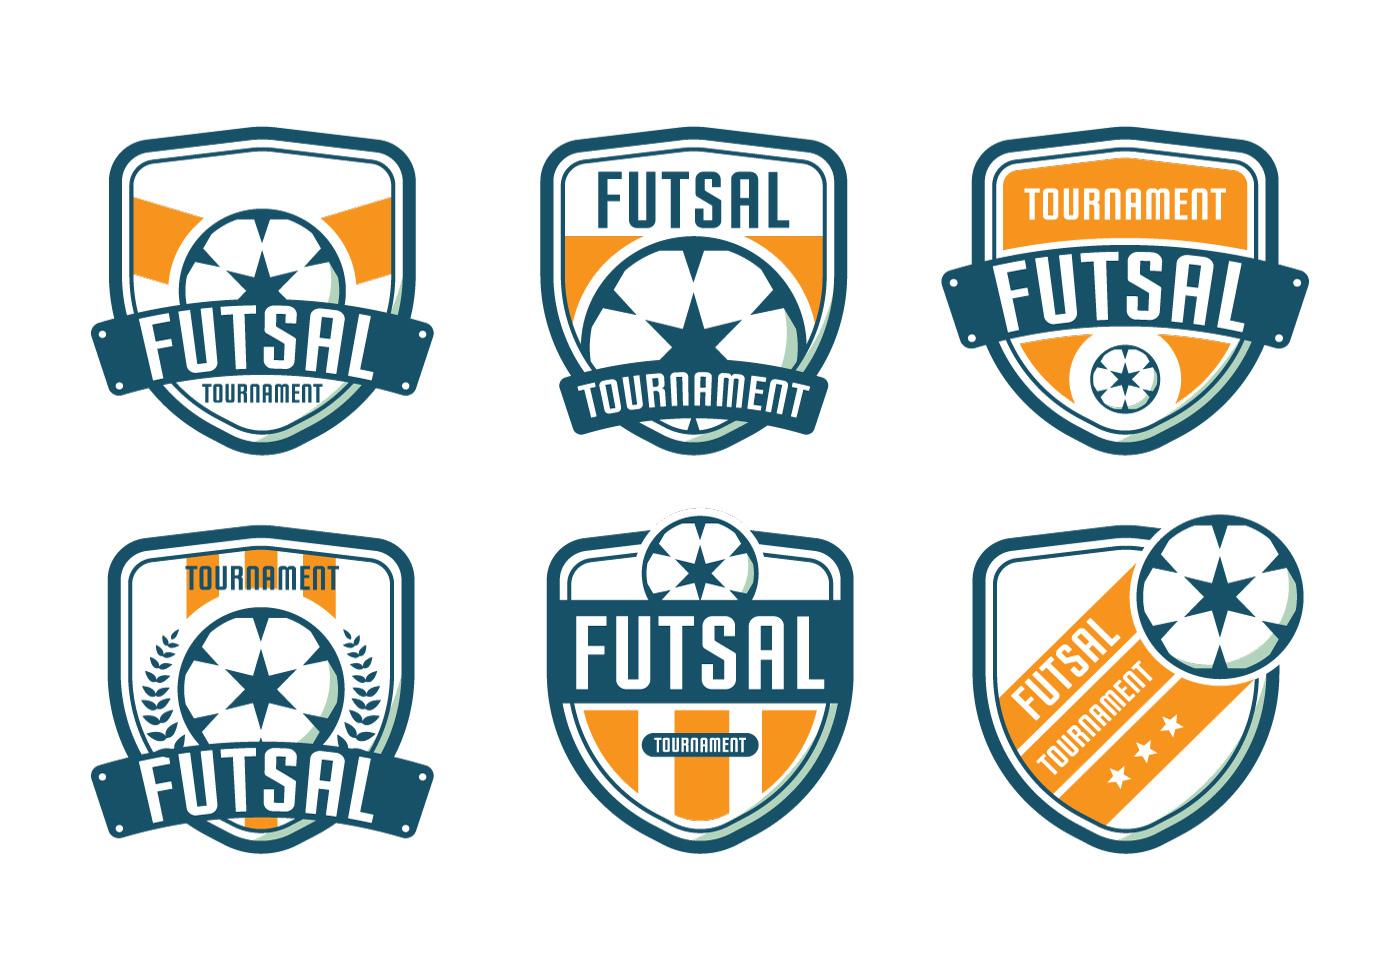 futsal logo tournament download free clipart vectors